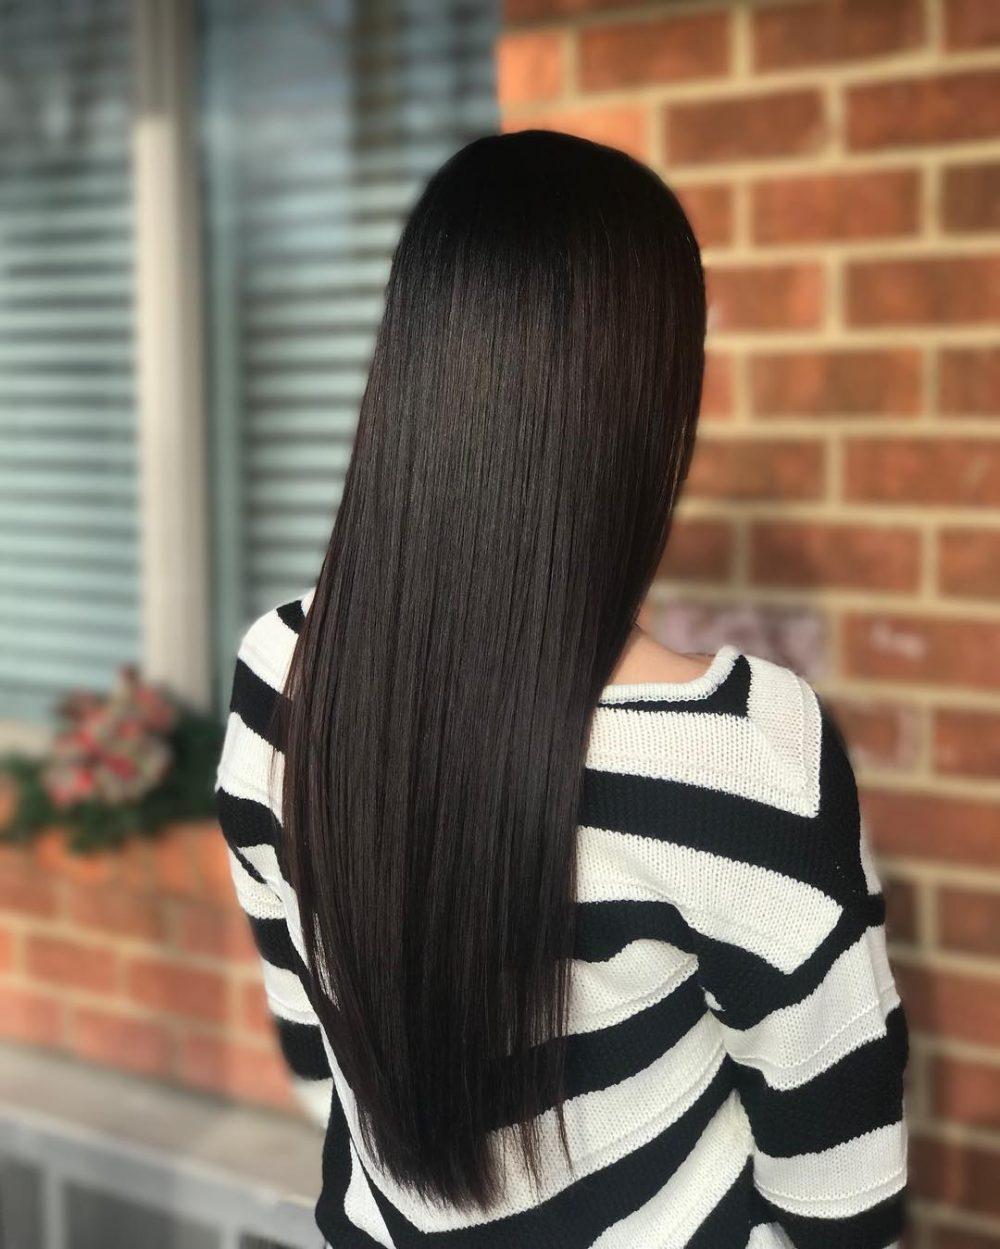 тенденции окрашивания волос 2019 года фото 9